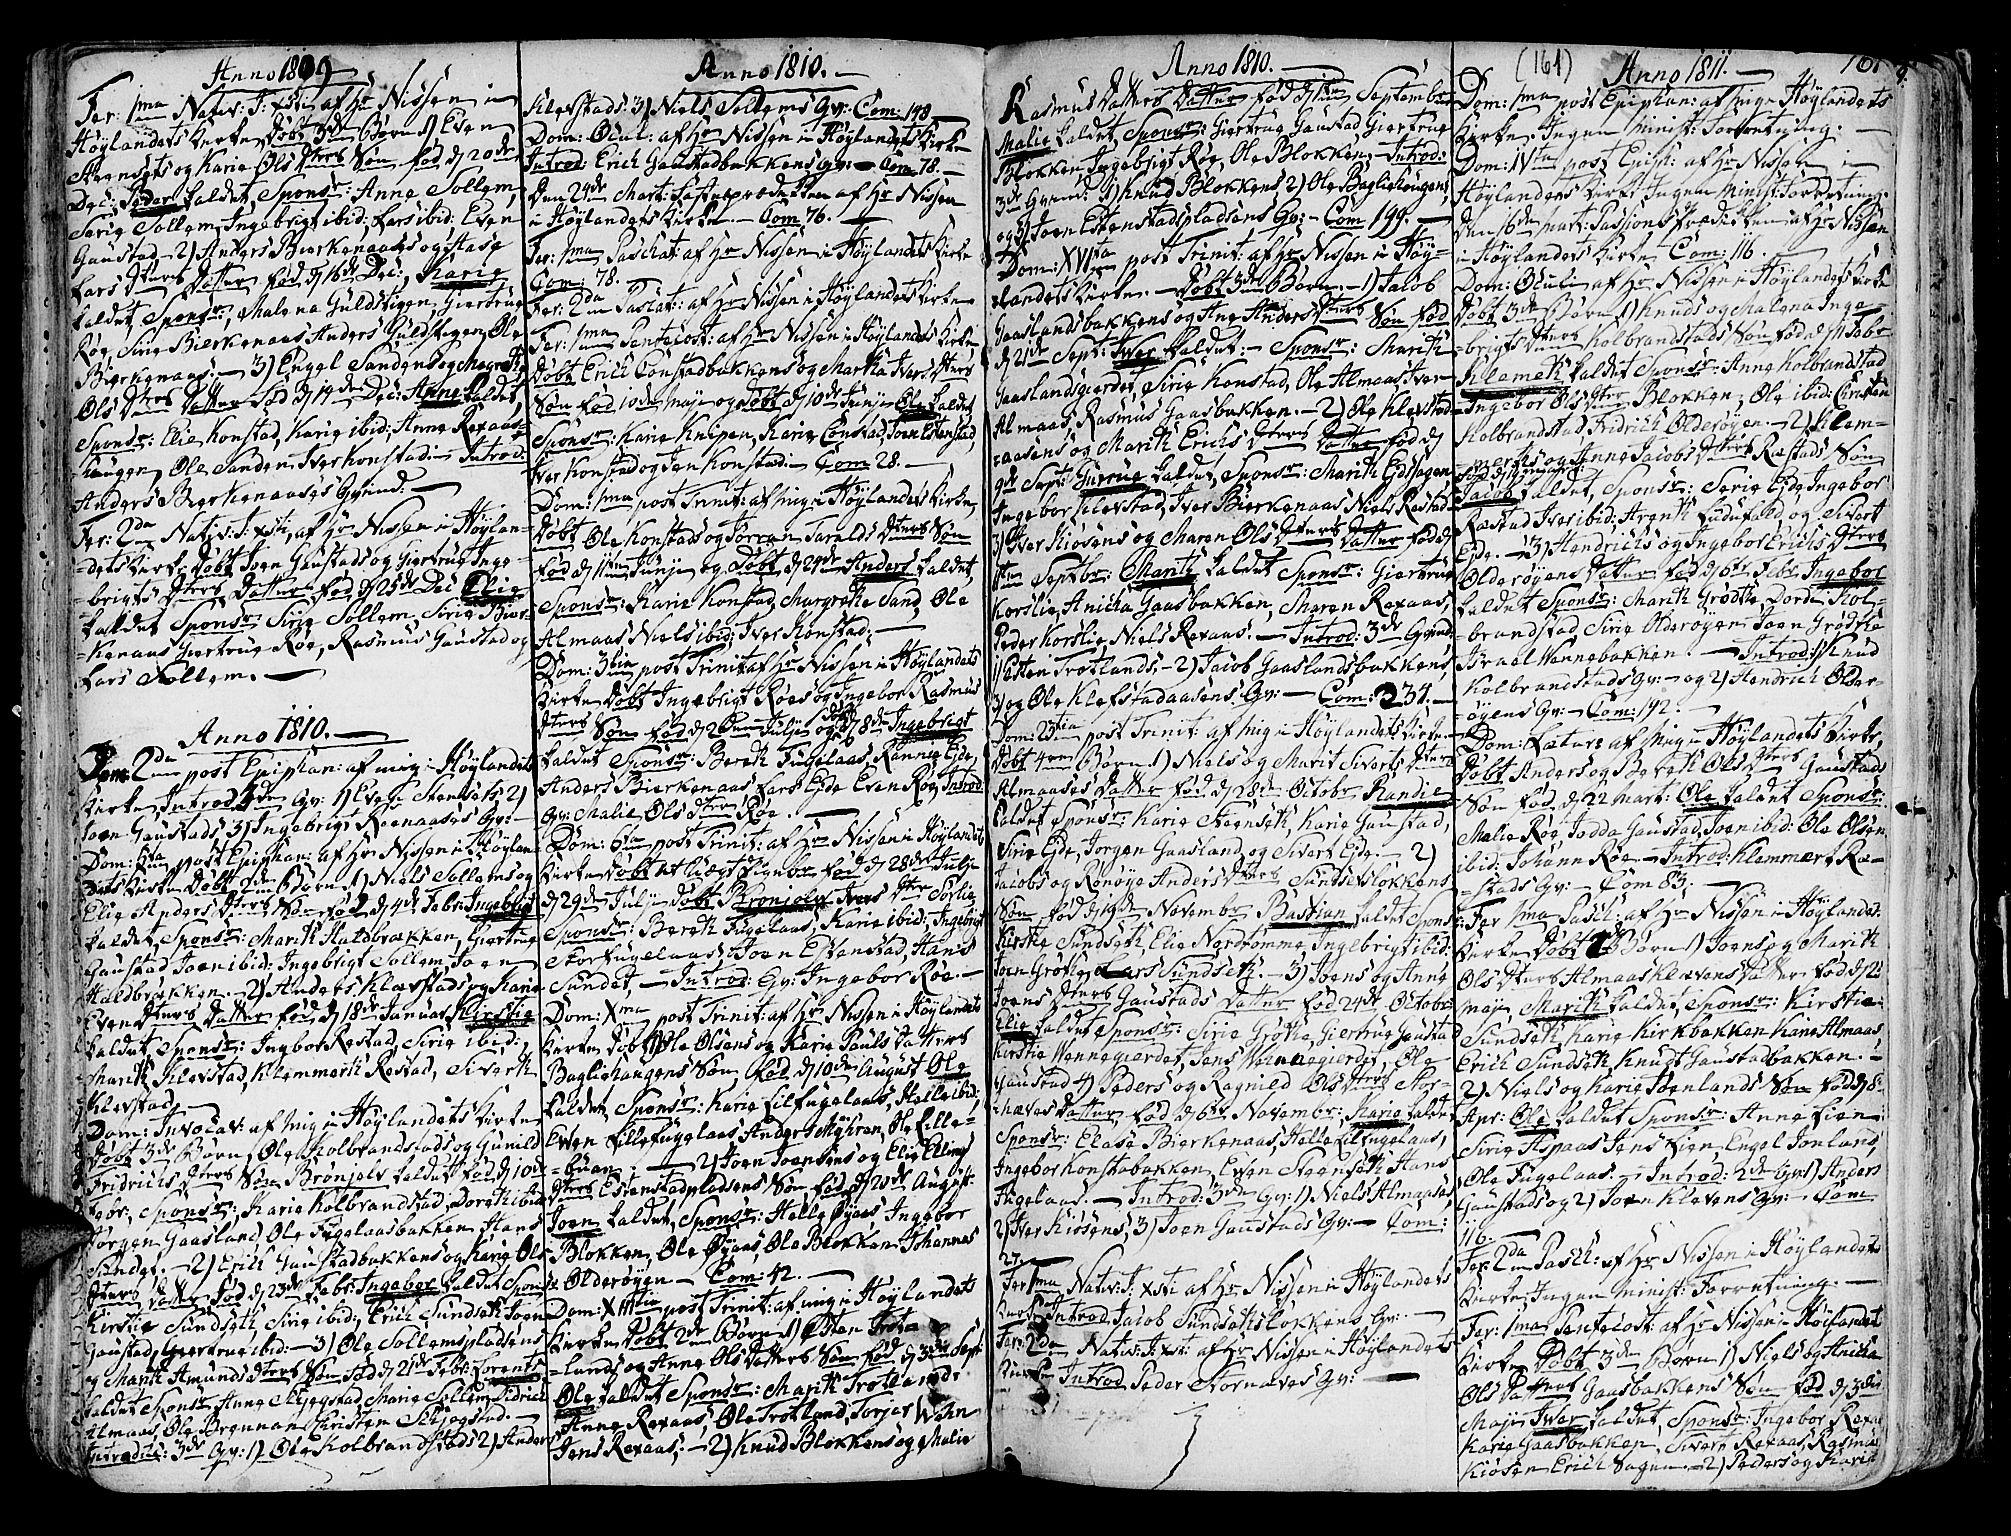 SAT, Ministerialprotokoller, klokkerbøker og fødselsregistre - Sør-Trøndelag, 691/L1064: Ministerialbok nr. 691A02 /4, 1768-1815, s. 161